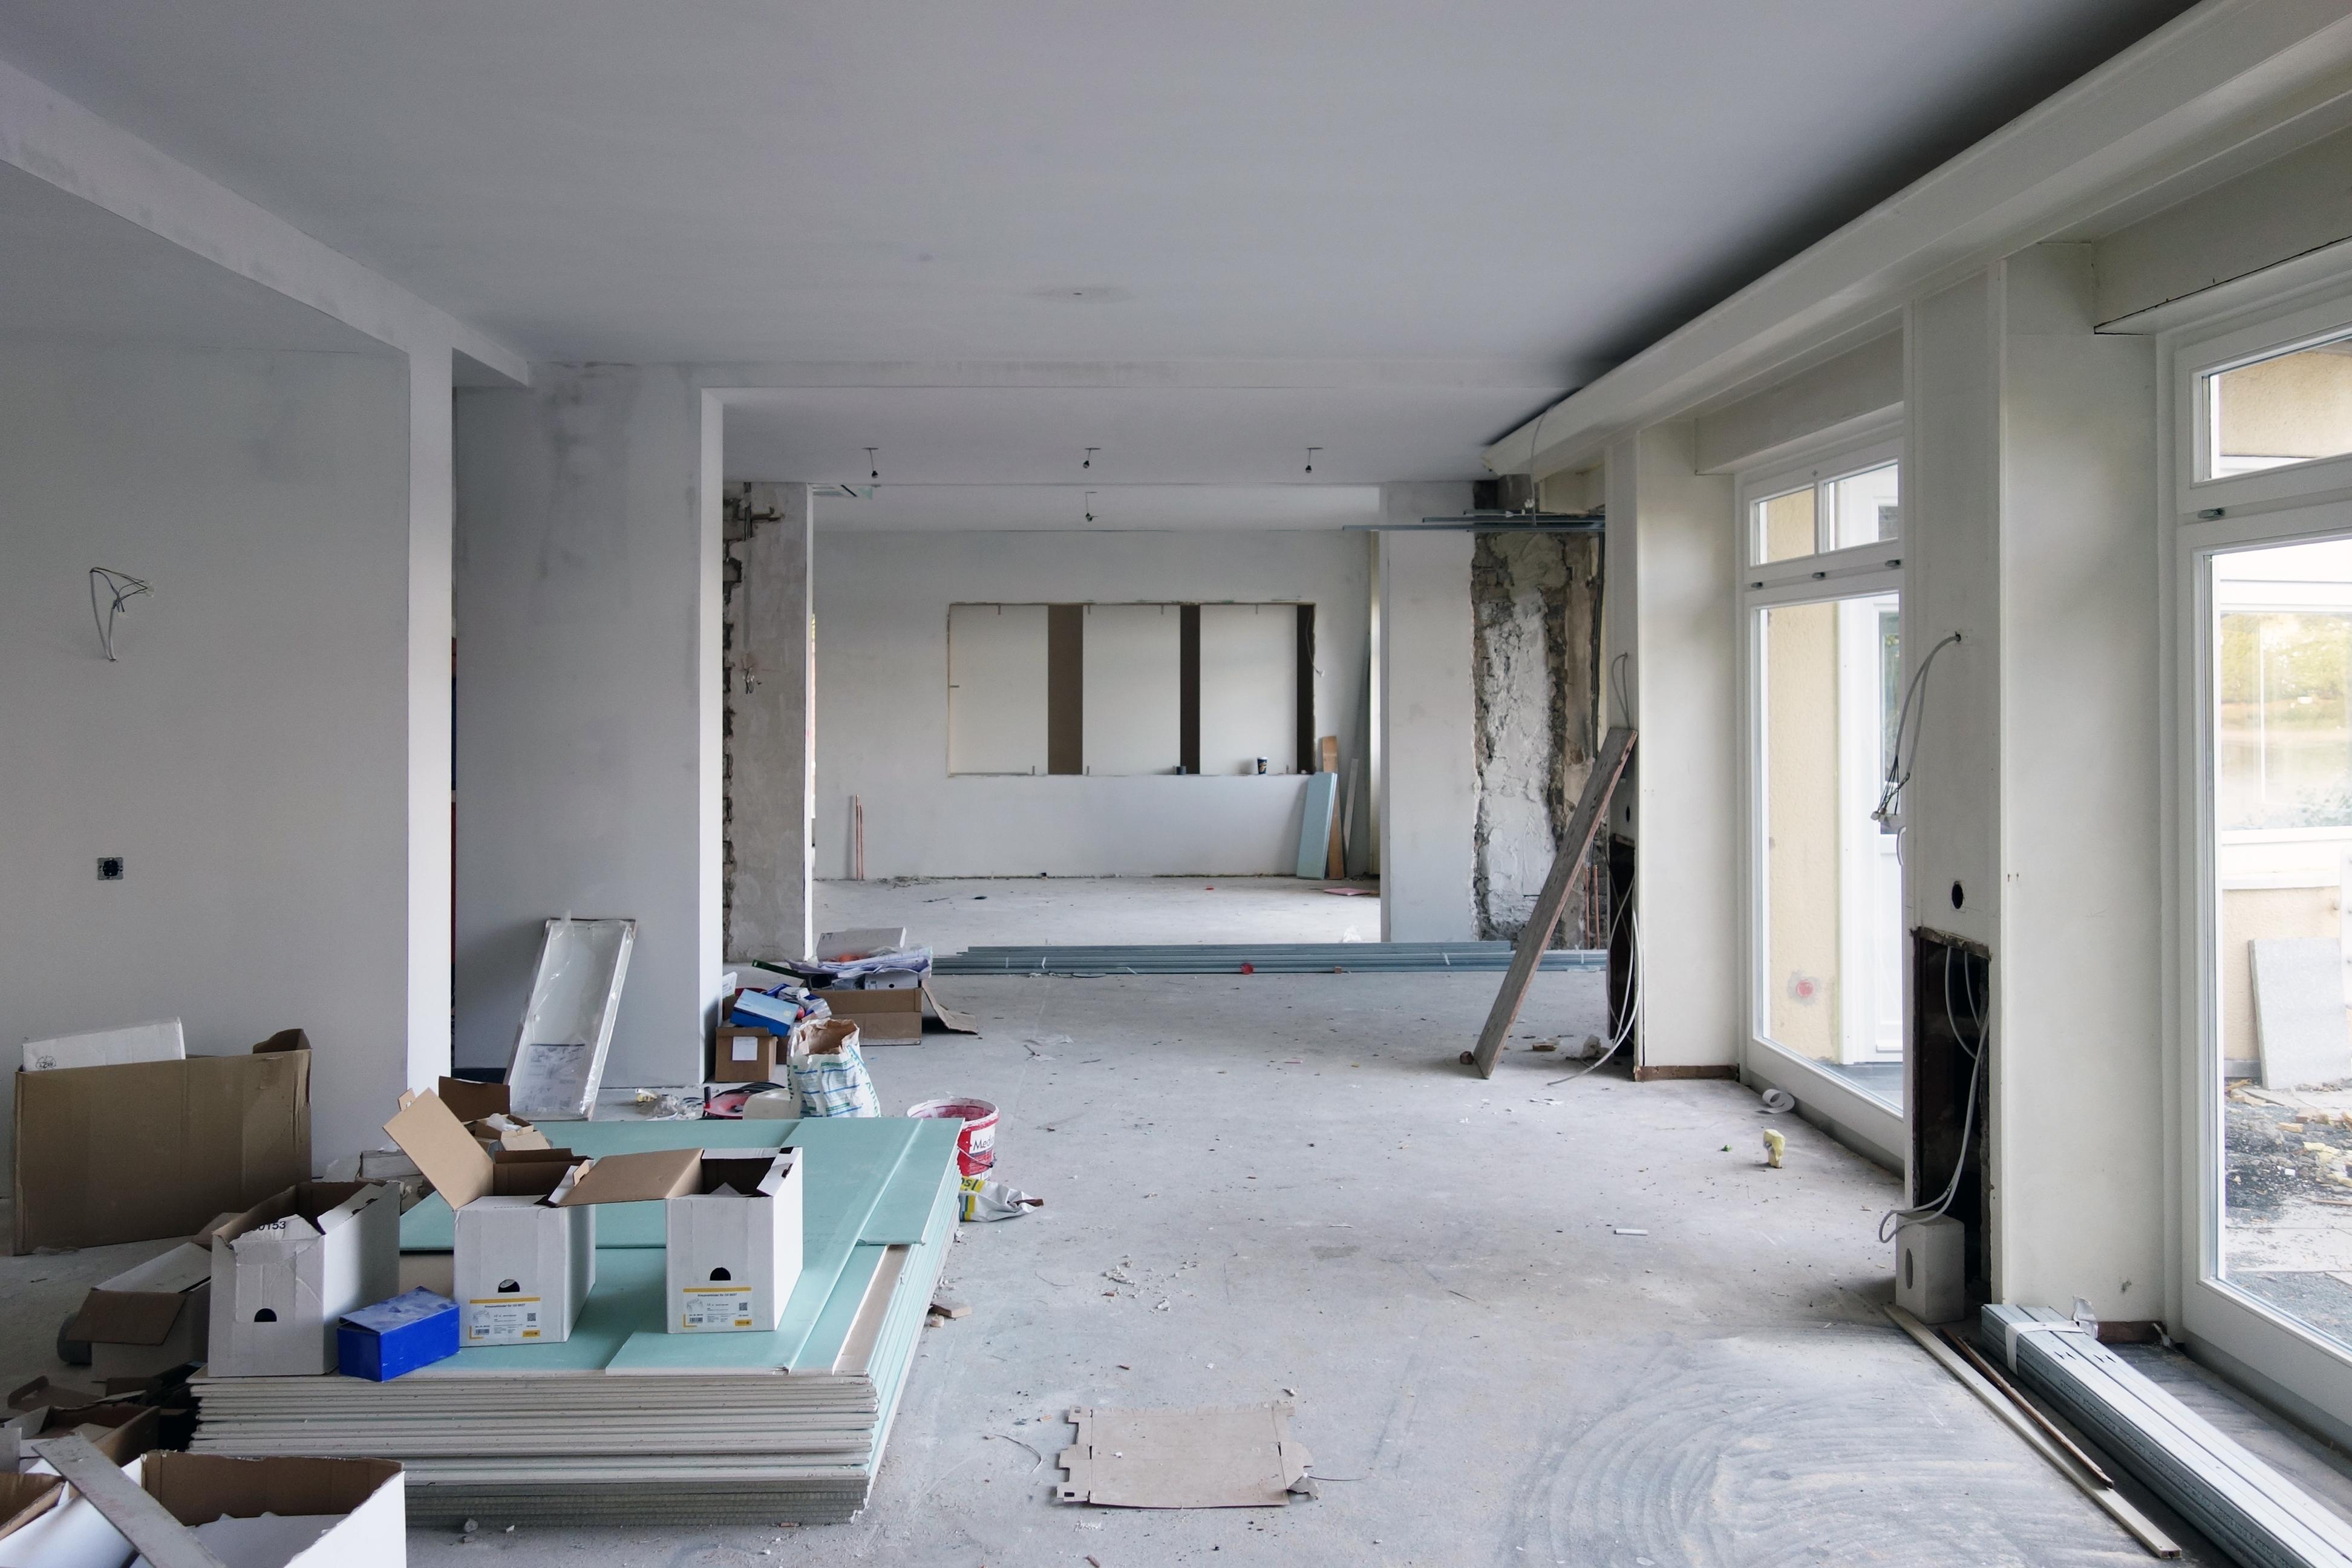 Baustelle Blick Treppenvitrine